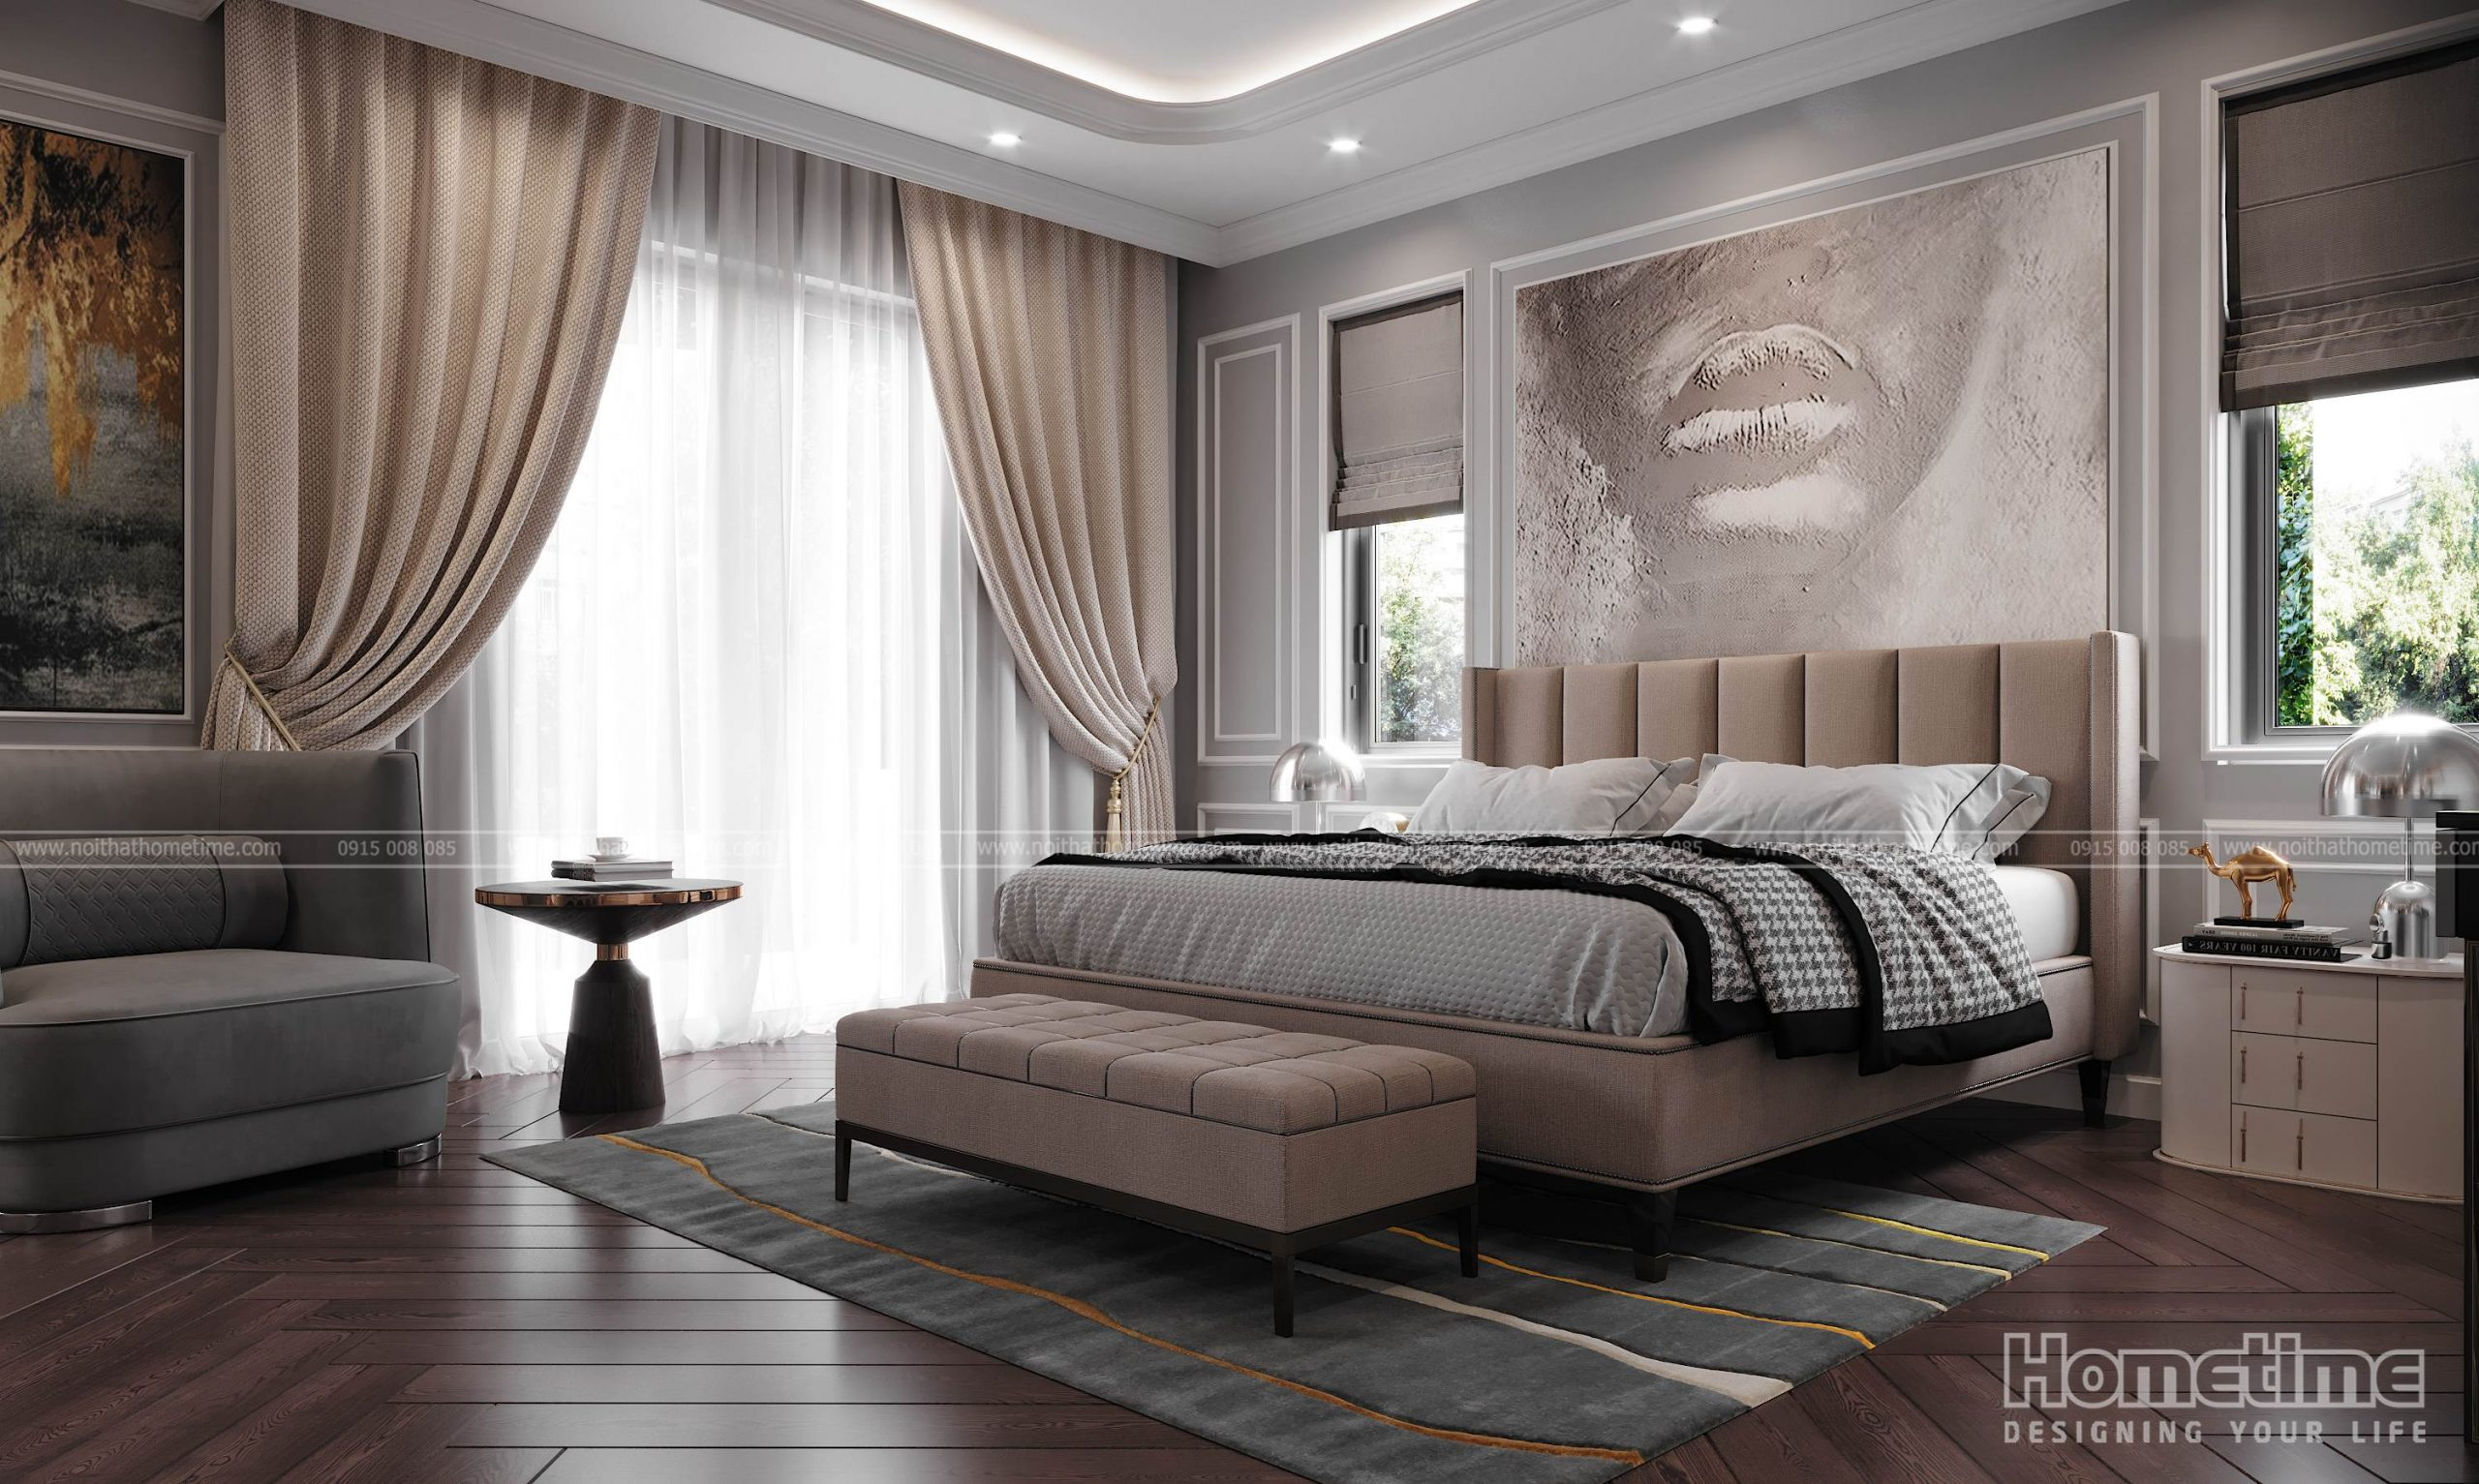 Mẫu giường ngủ chất lượng bền đẹp